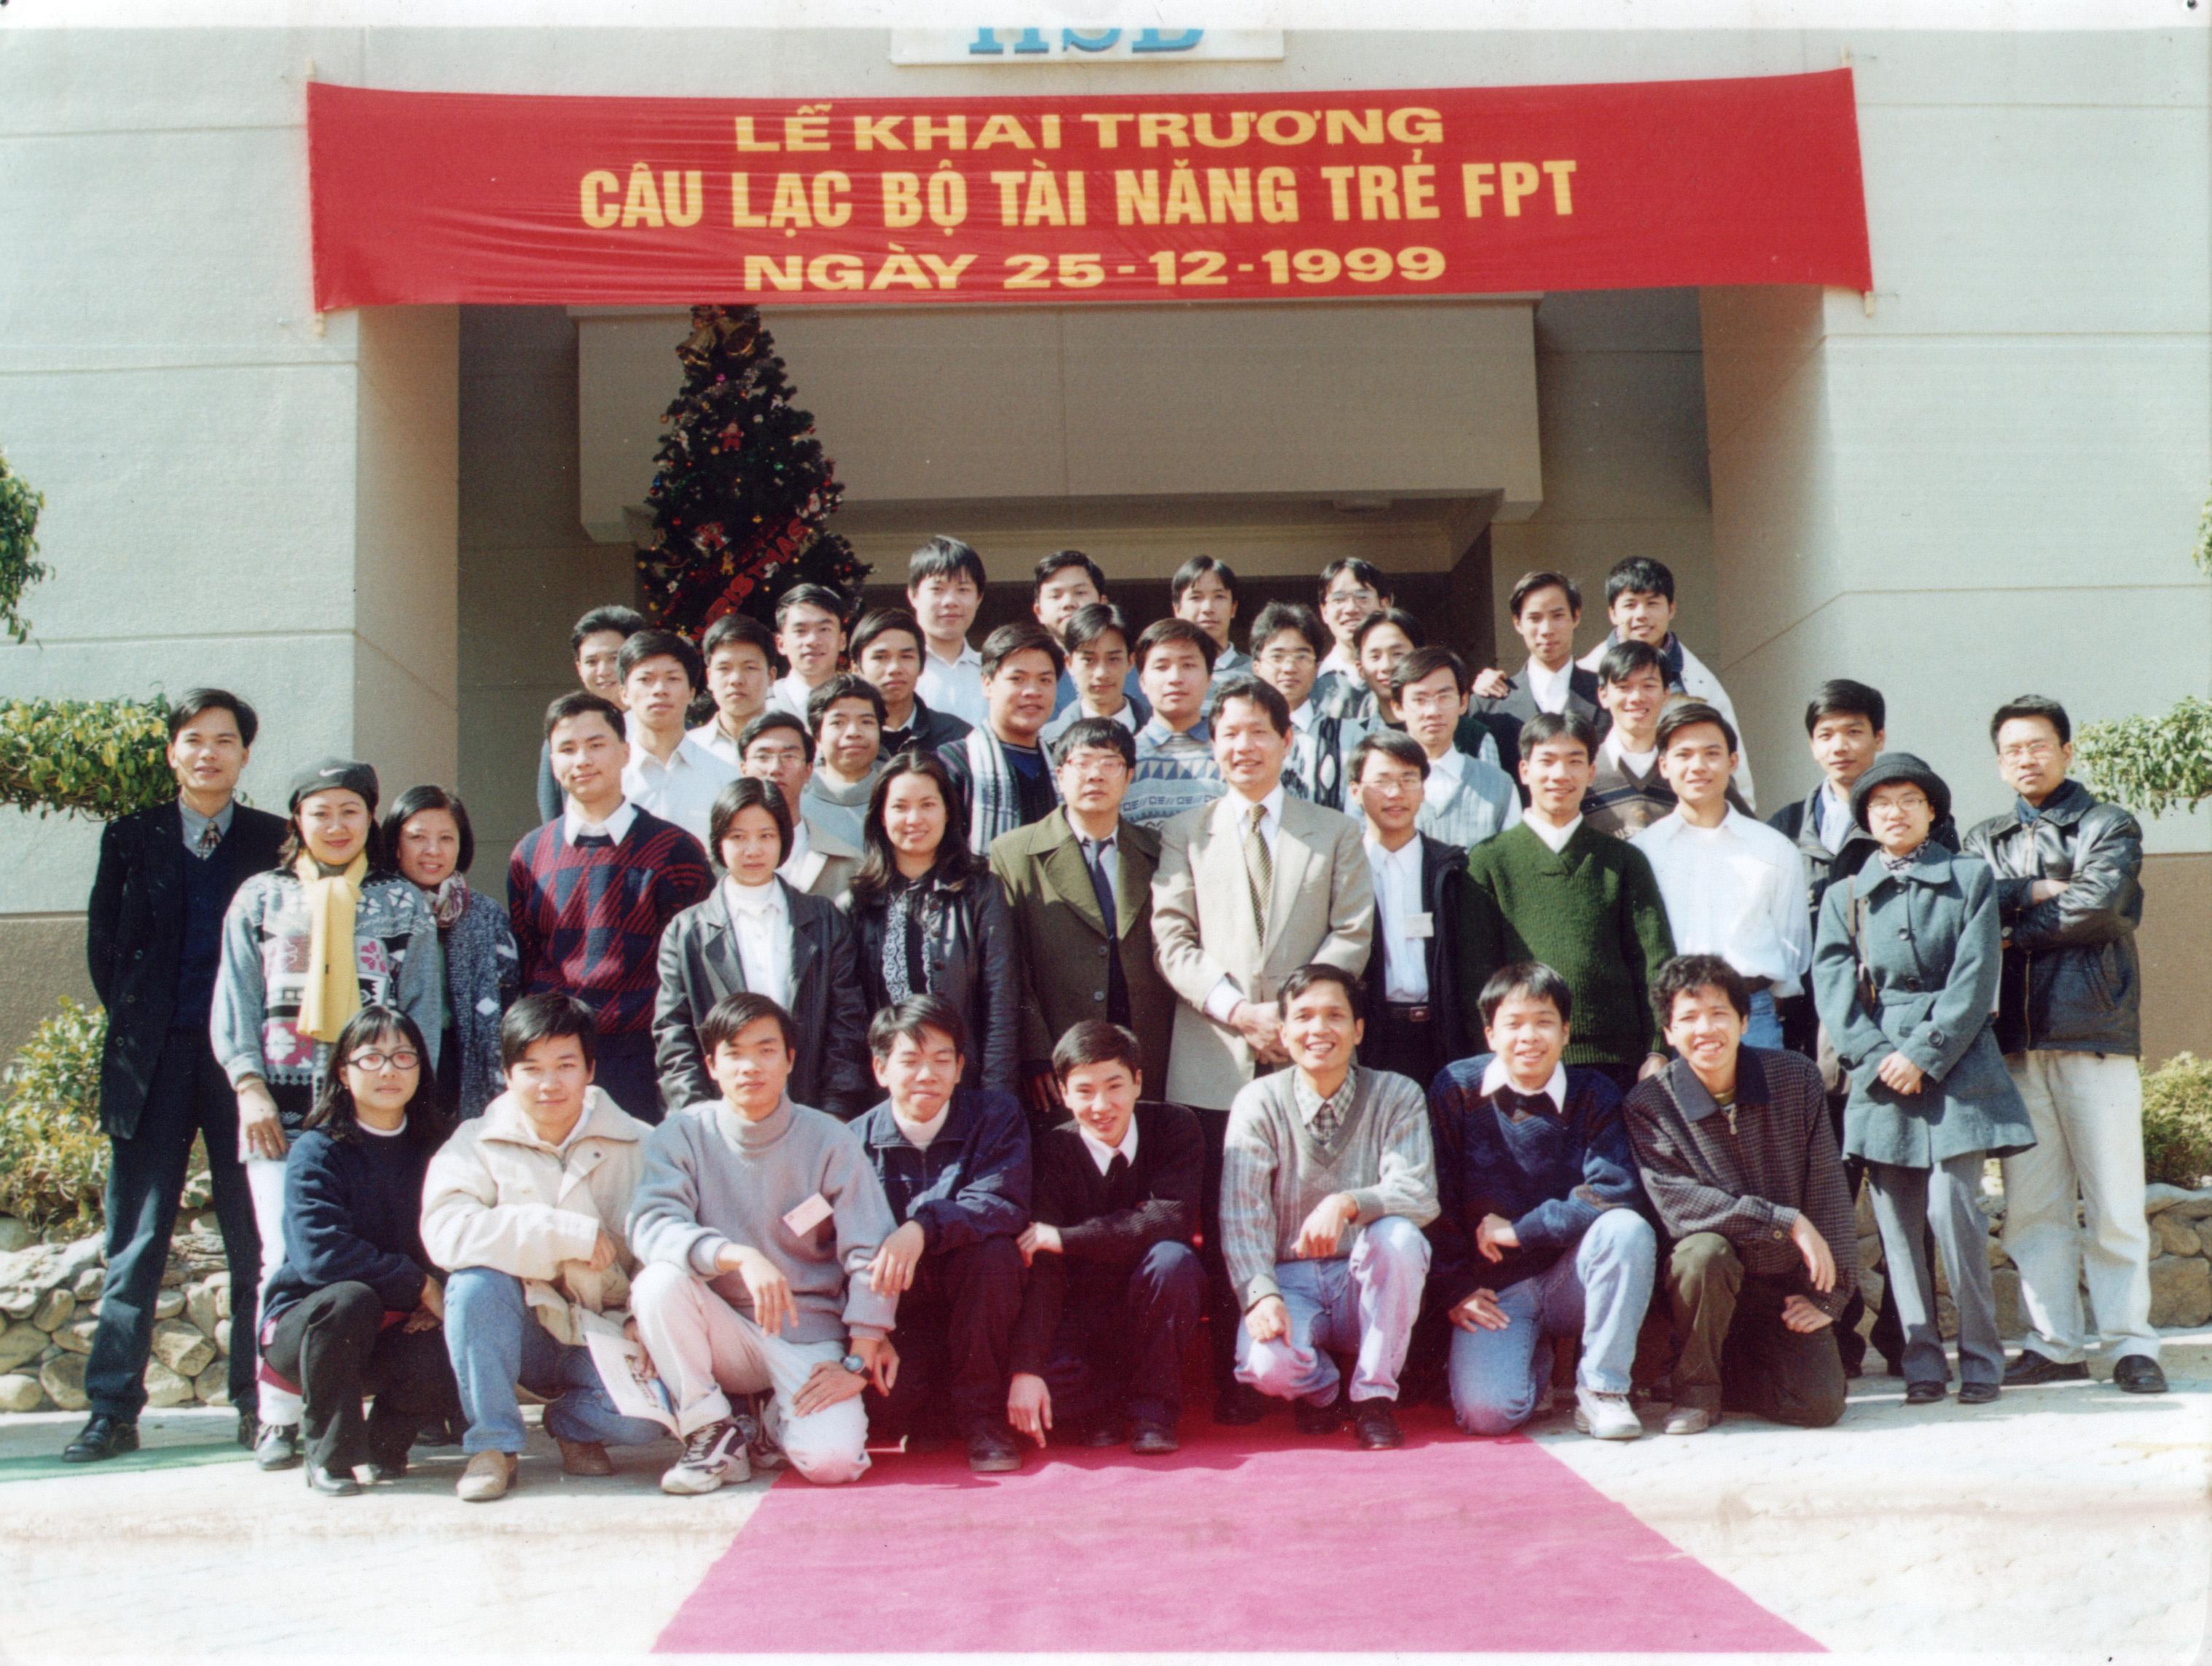 Nguyễn Quang Dũng từng tham gia Trung tâm tài năng trẻ FPT (FYT)